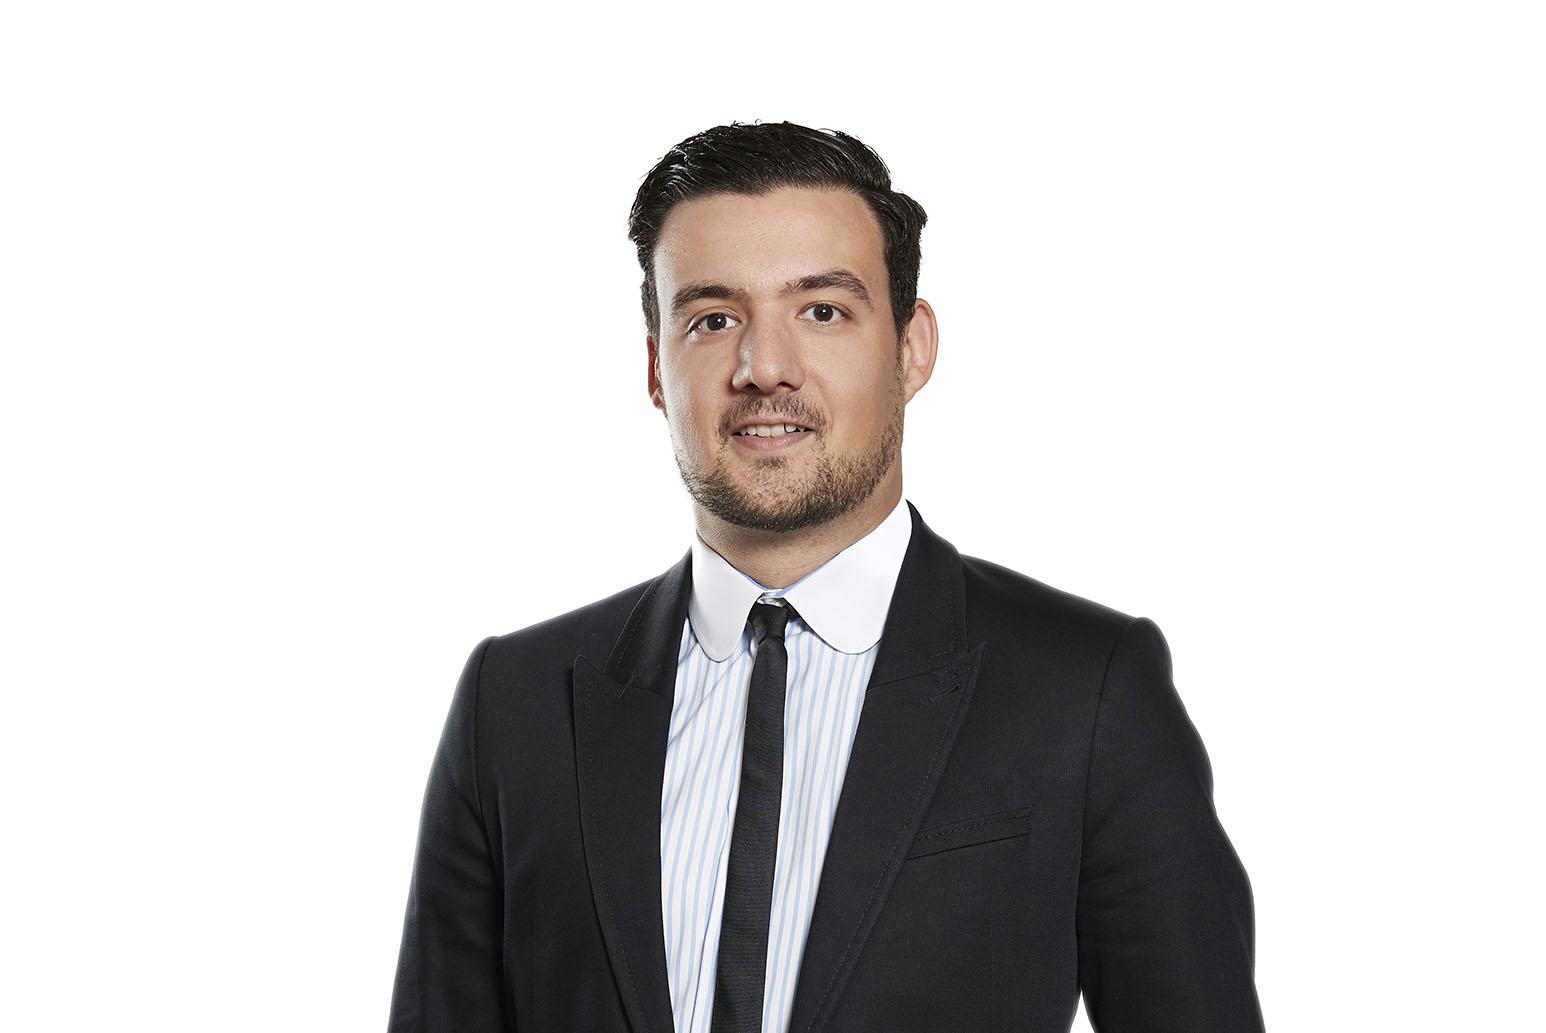 Sebastian Schmitt